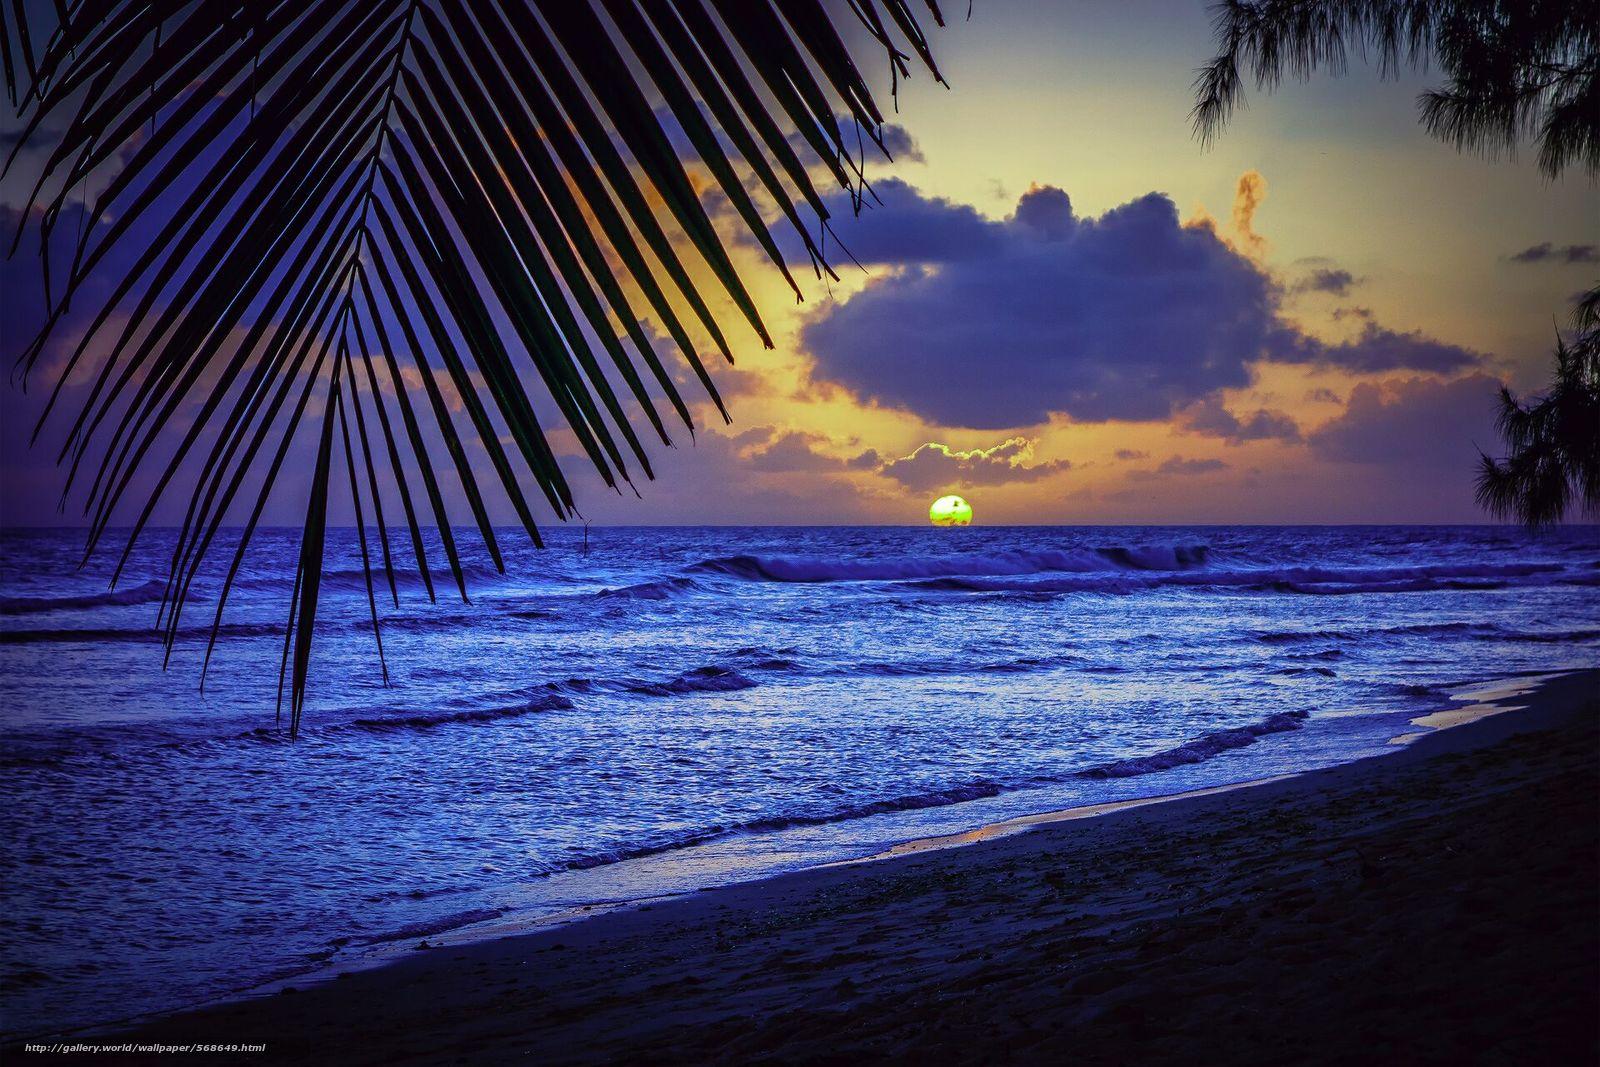 Скачать обои пляж,  пальмы,  карибское море,  силуэт бесплатно для рабочего стола в разрешении 1920x1280 — картинка №568649